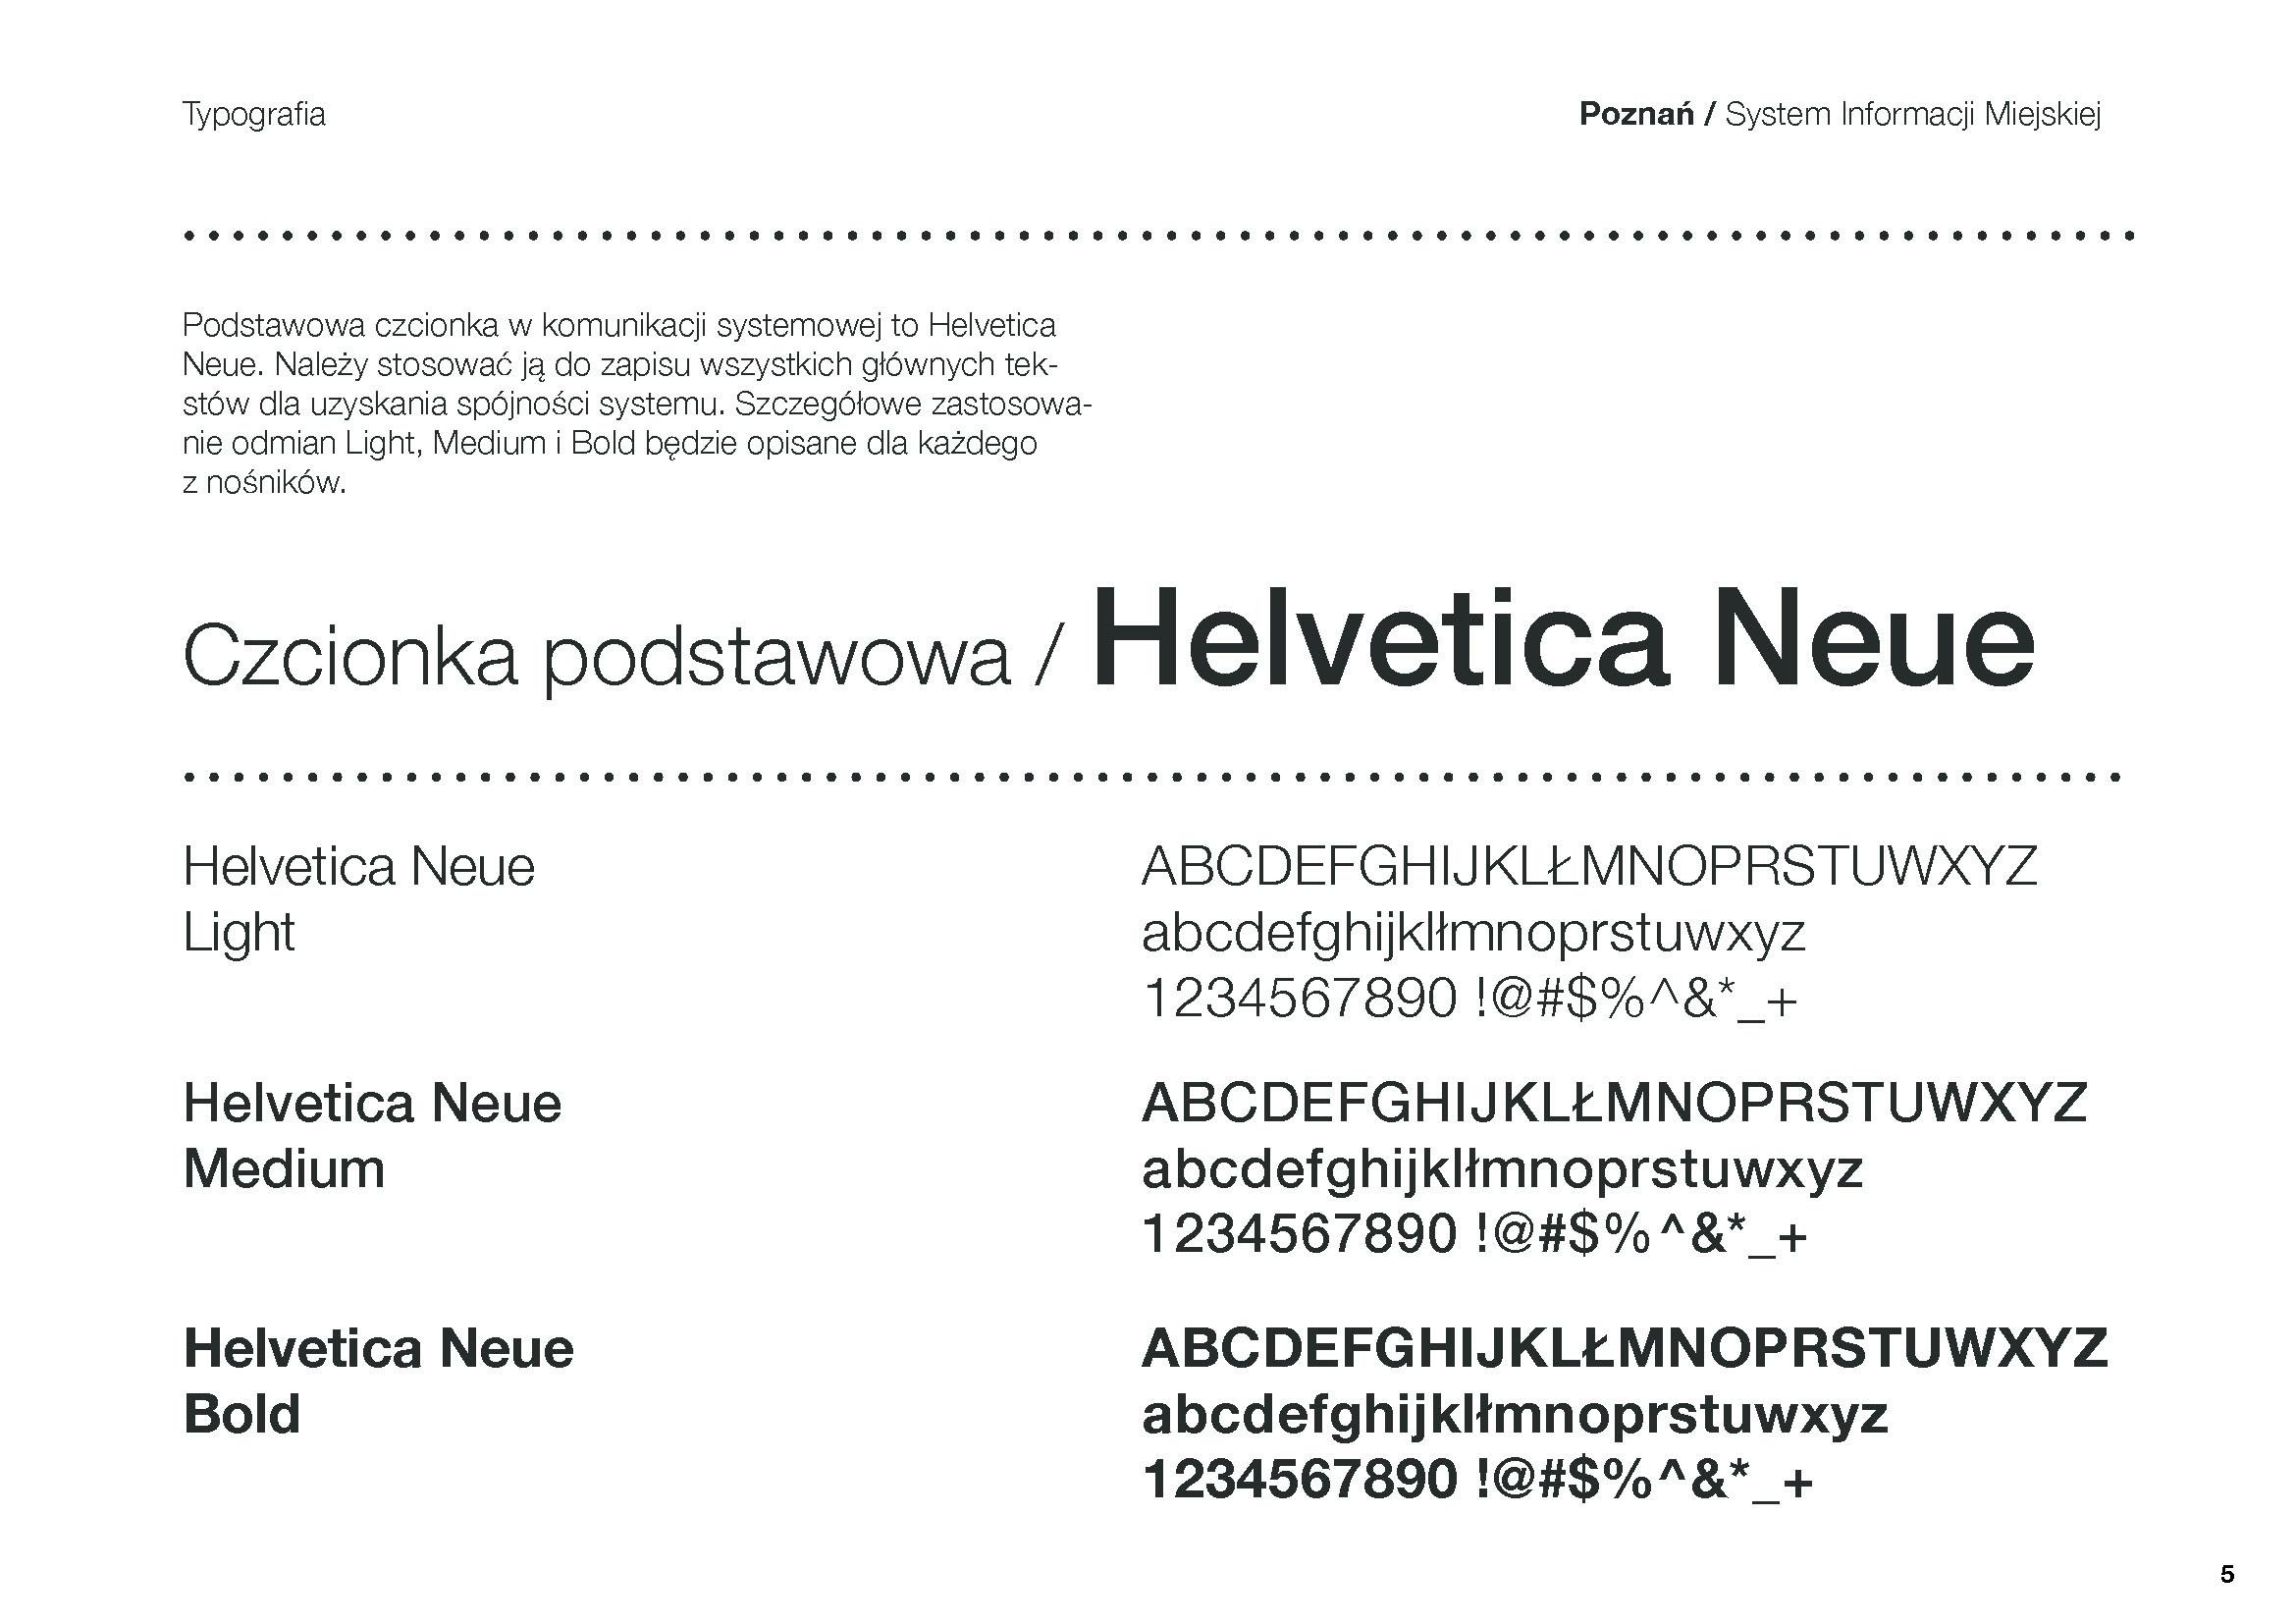 Poznań System Informacji Miejskiej (10)  Foto: